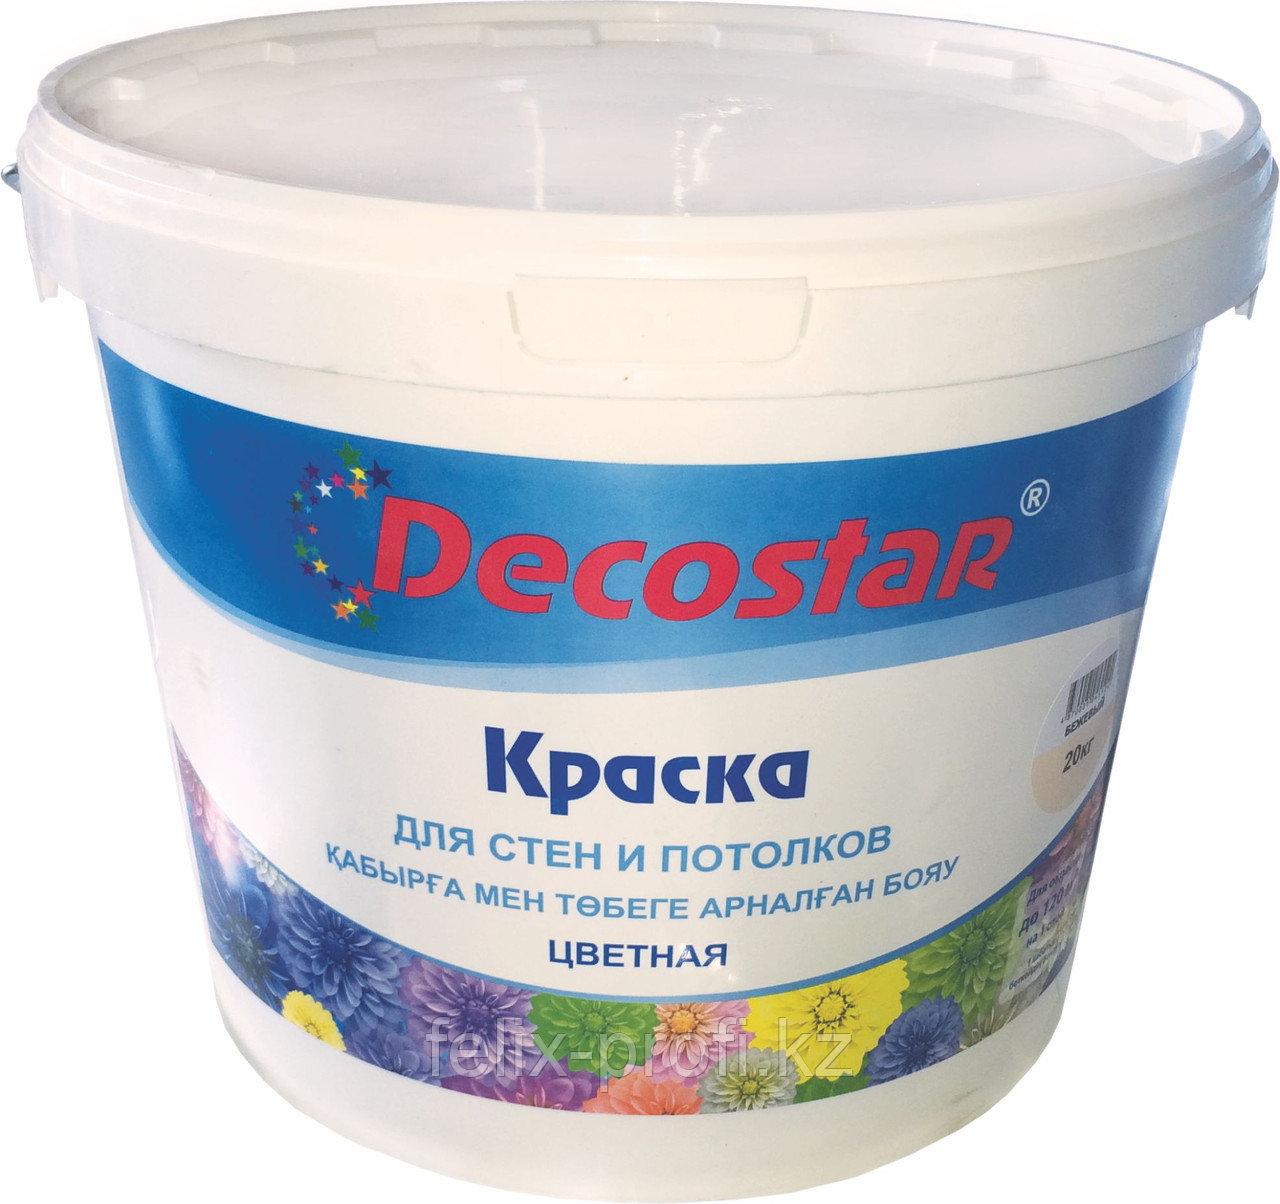 Decostar для стен и потолков, цвет светло-голубой, 20 кг